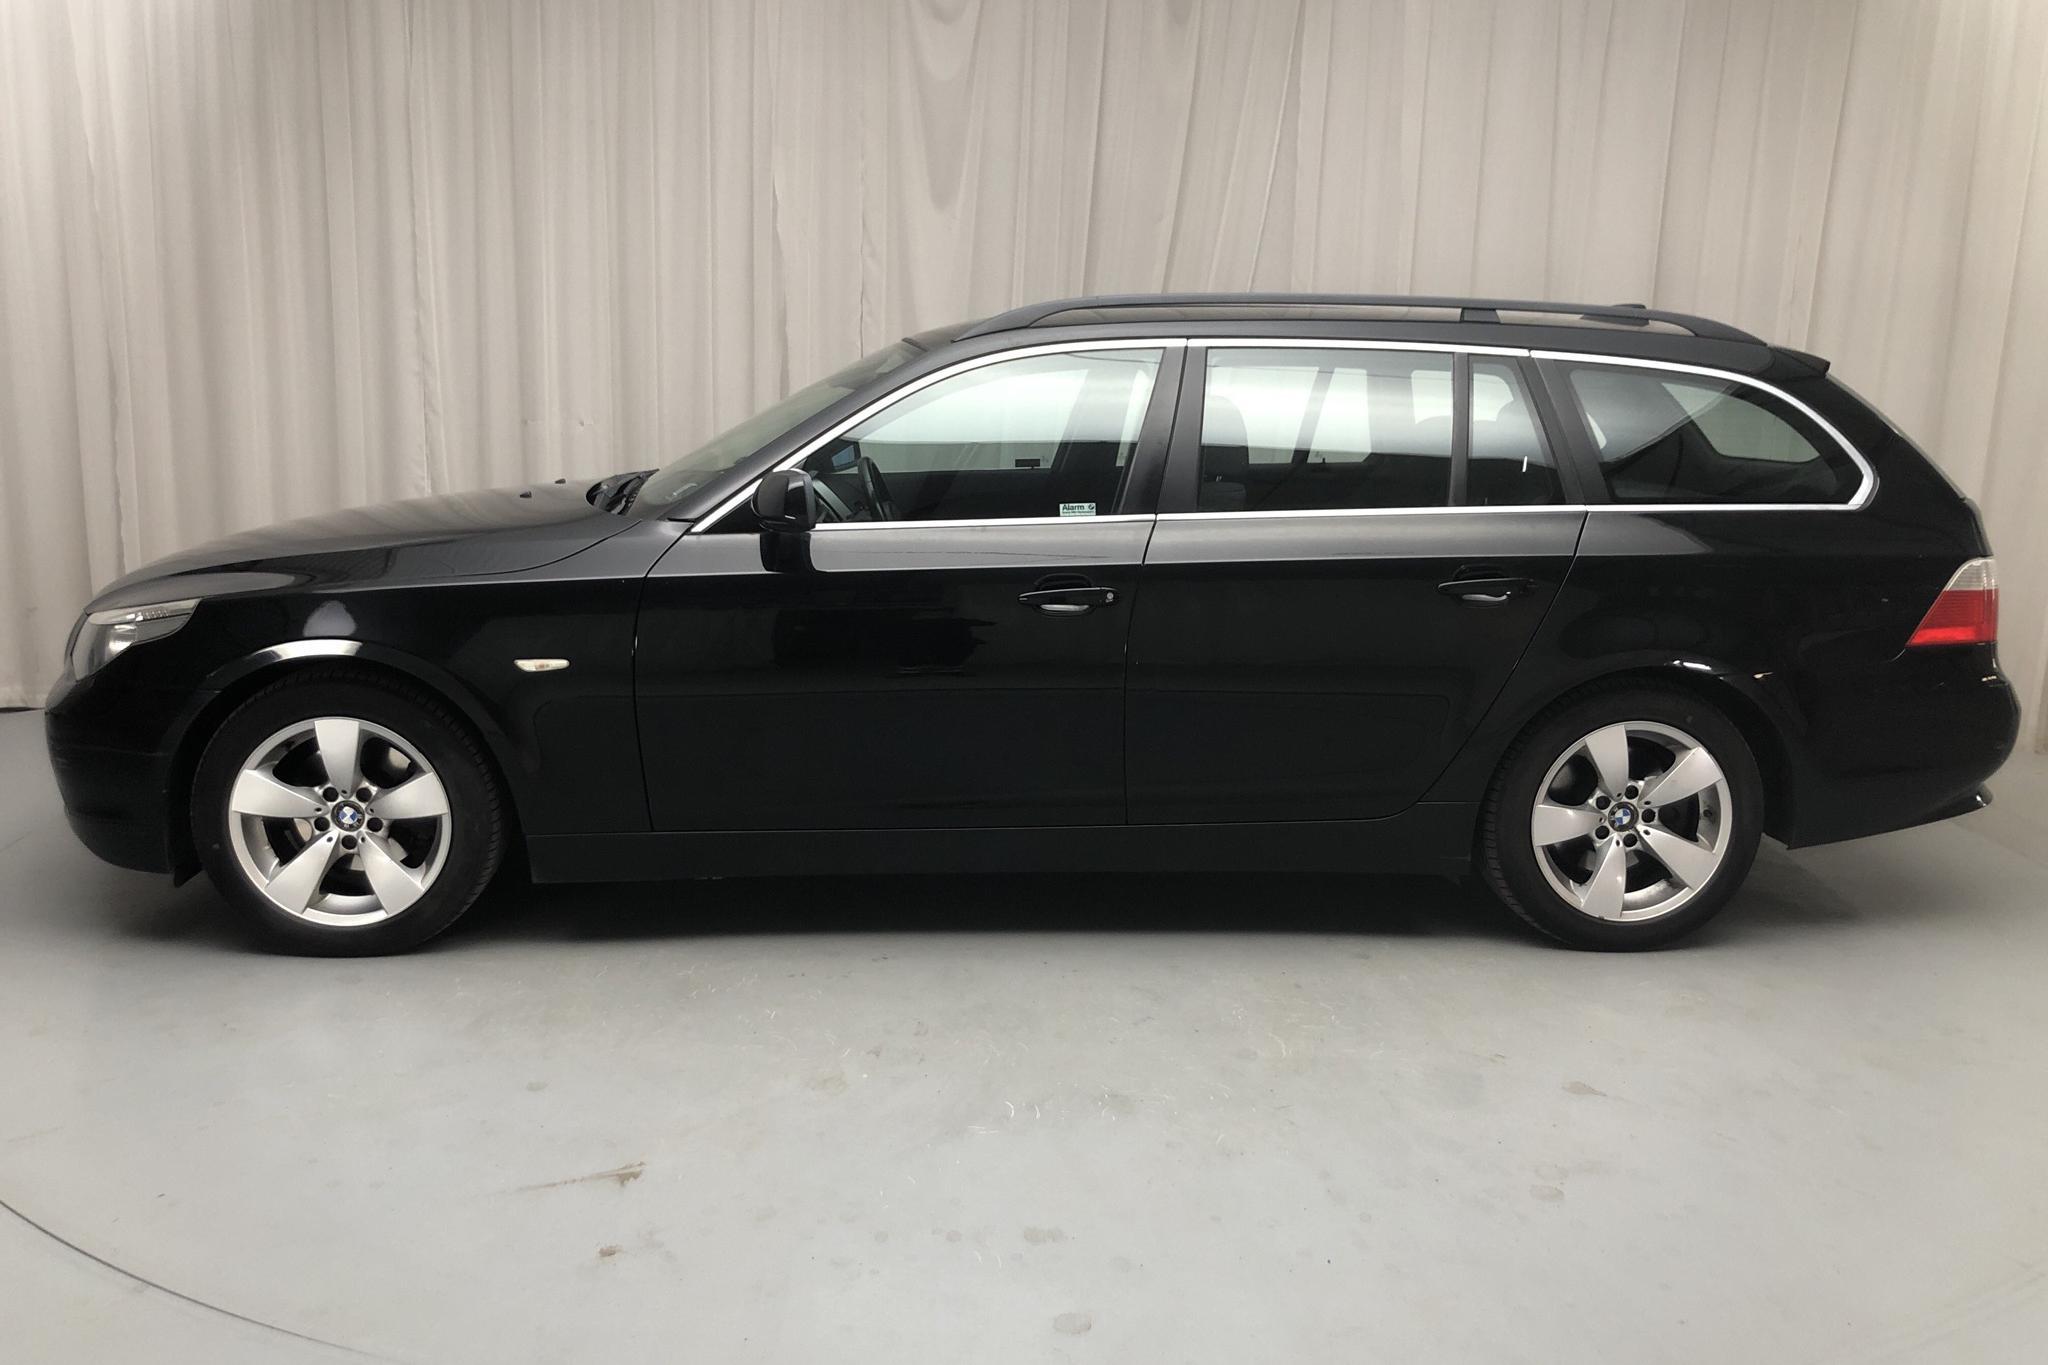 BMW 523i Touring, E61 (177hk) - 189 520 km - Manual - black - 2007